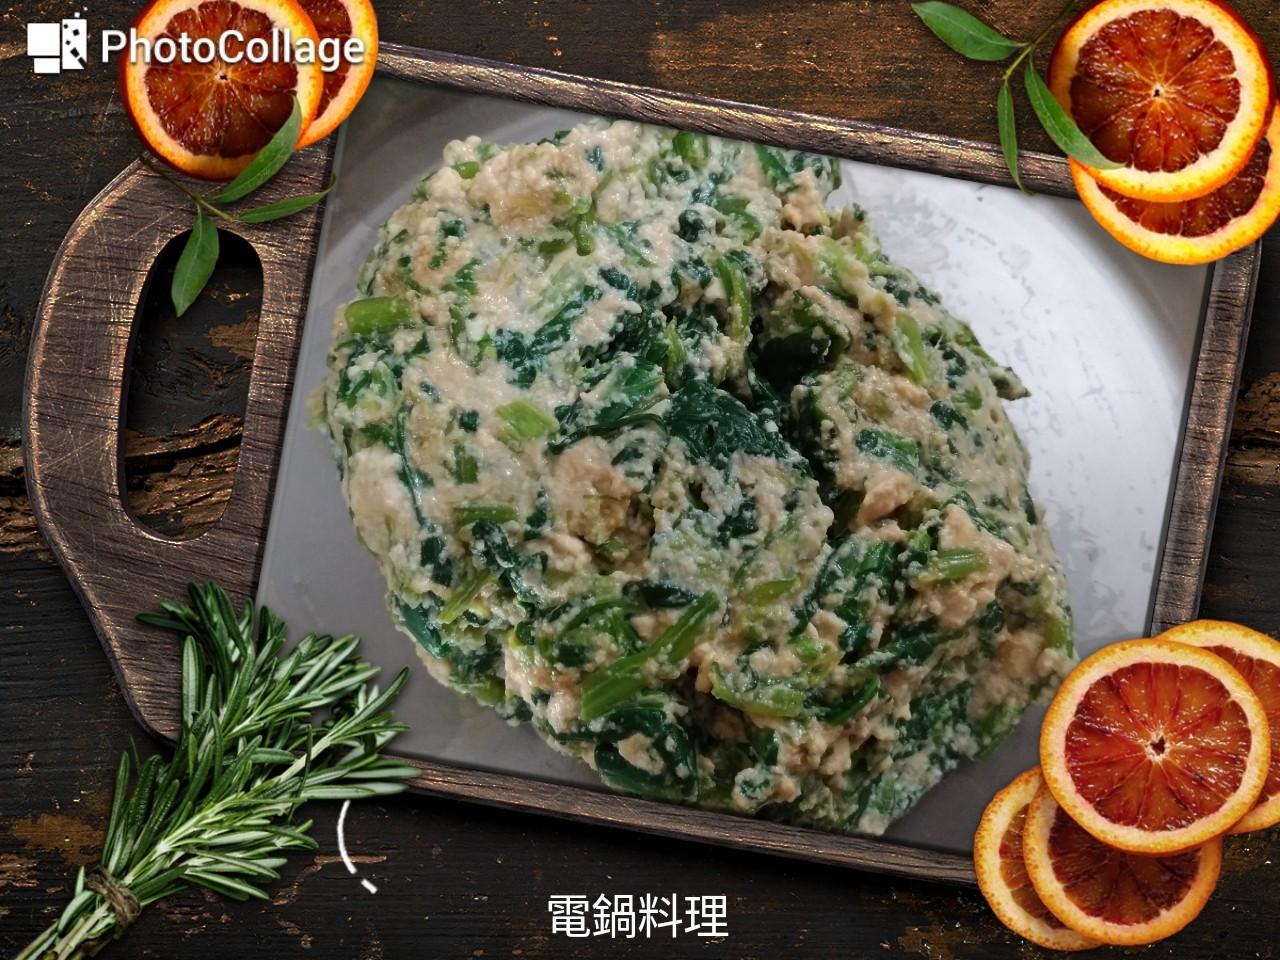 菠菜拌豆腐